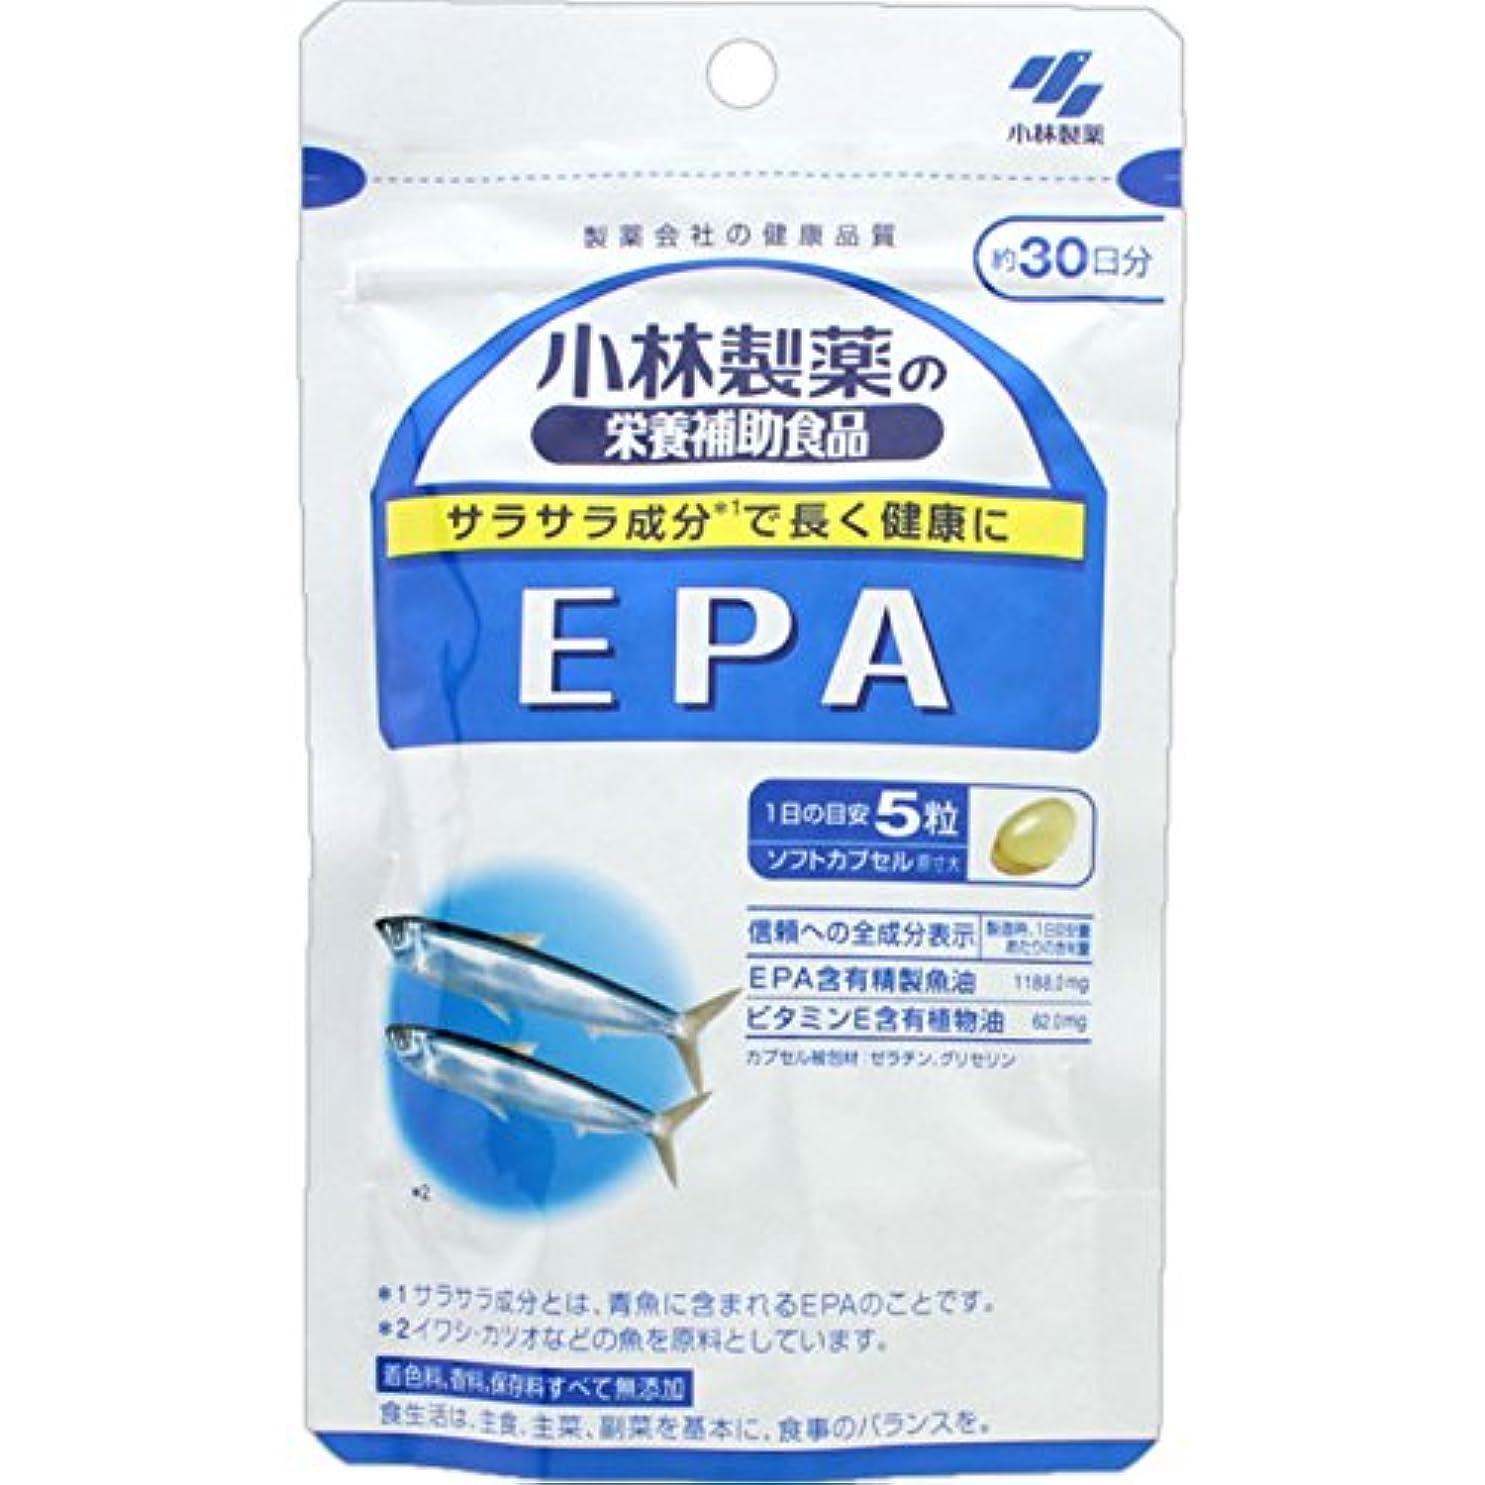 順応性のある偉業理想的EPA 150T